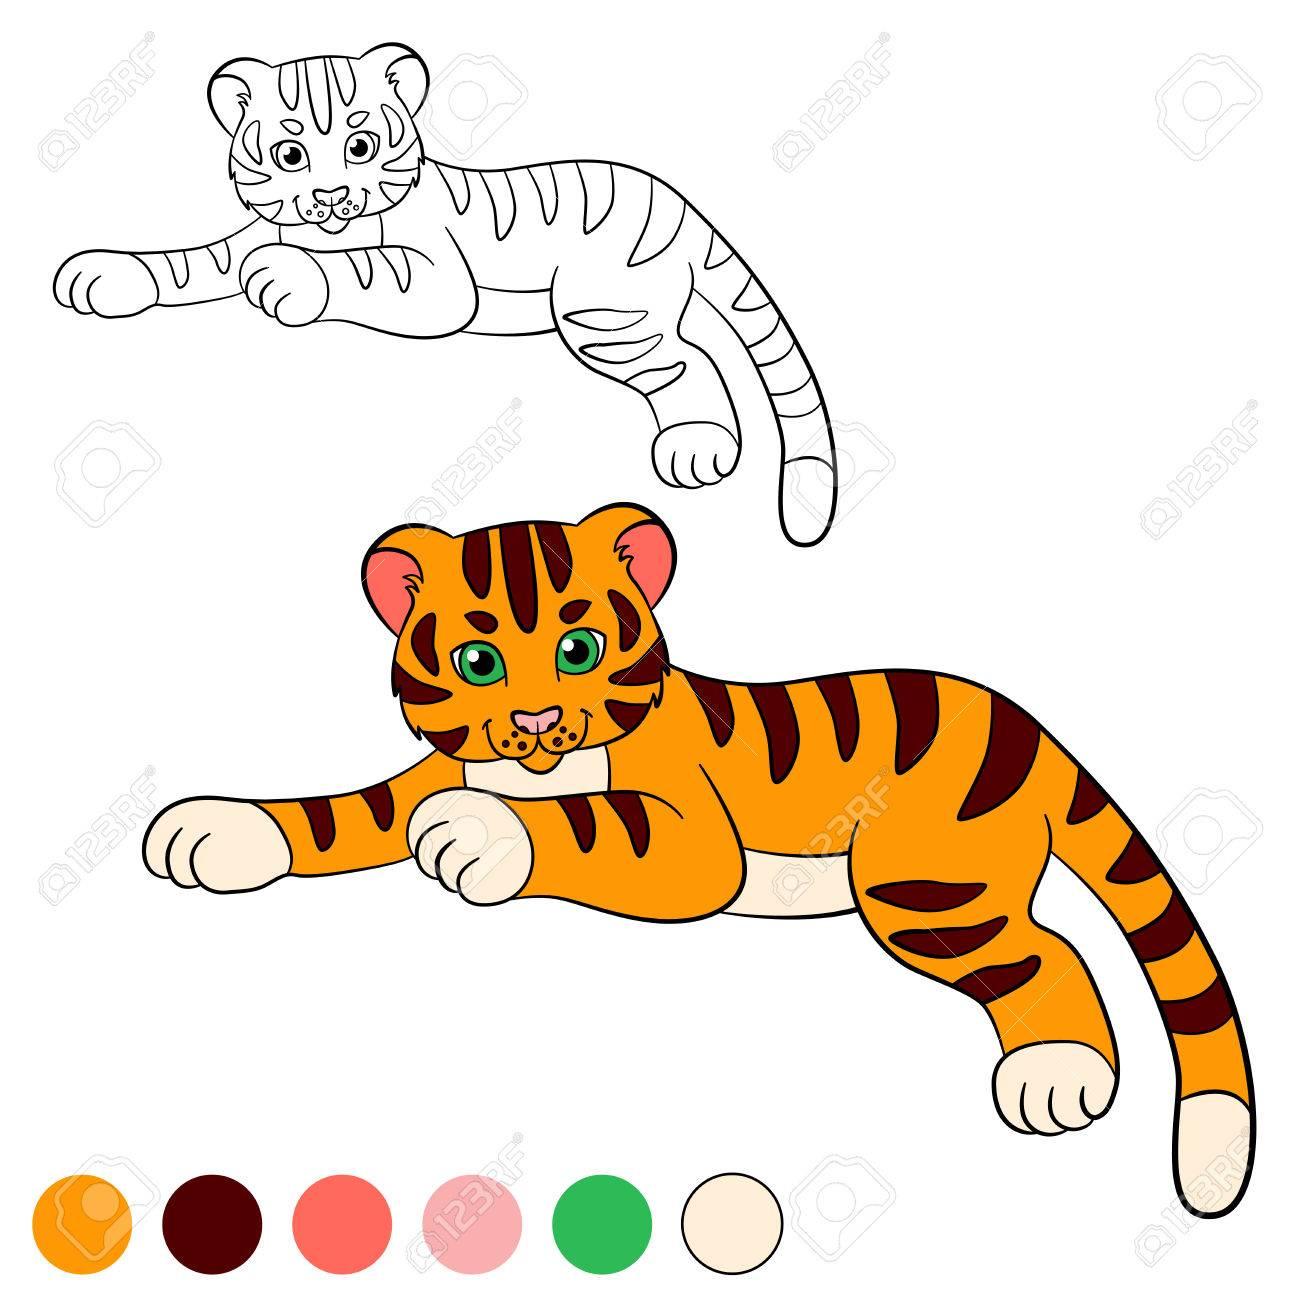 Dibujo Para Colorear. Color Me Tigre. Pequeño Tigre De Bebé Lindo ...